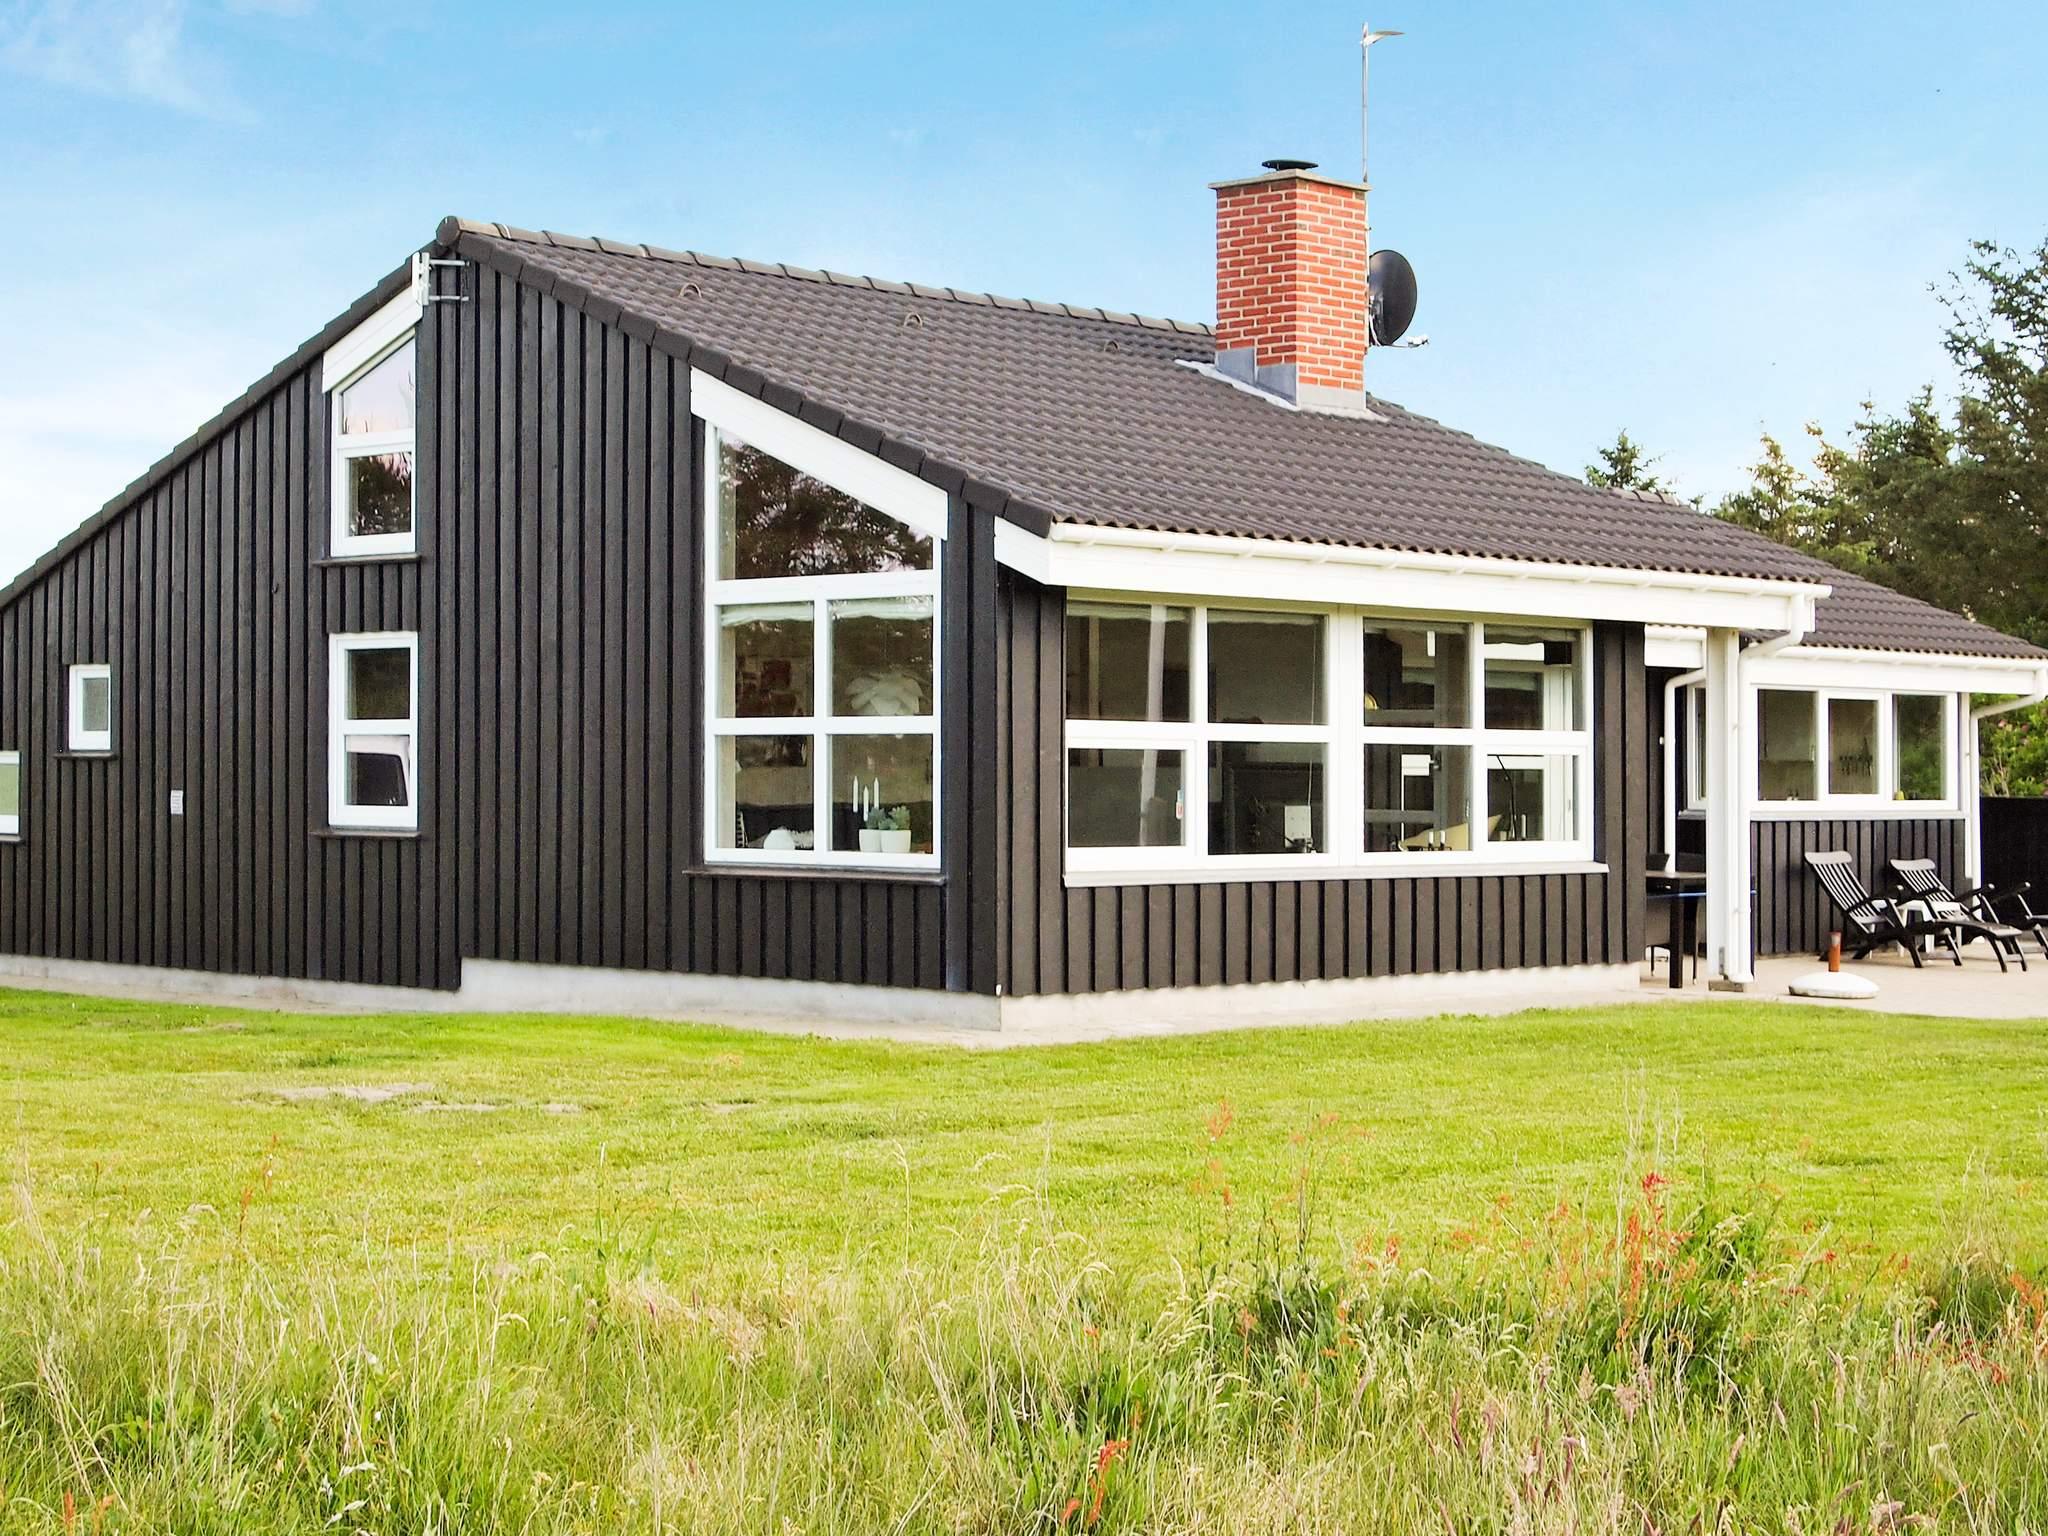 Ferienhaus Løkken (1960004), Løkken, , Nordwestjütland, Dänemark, Bild 22